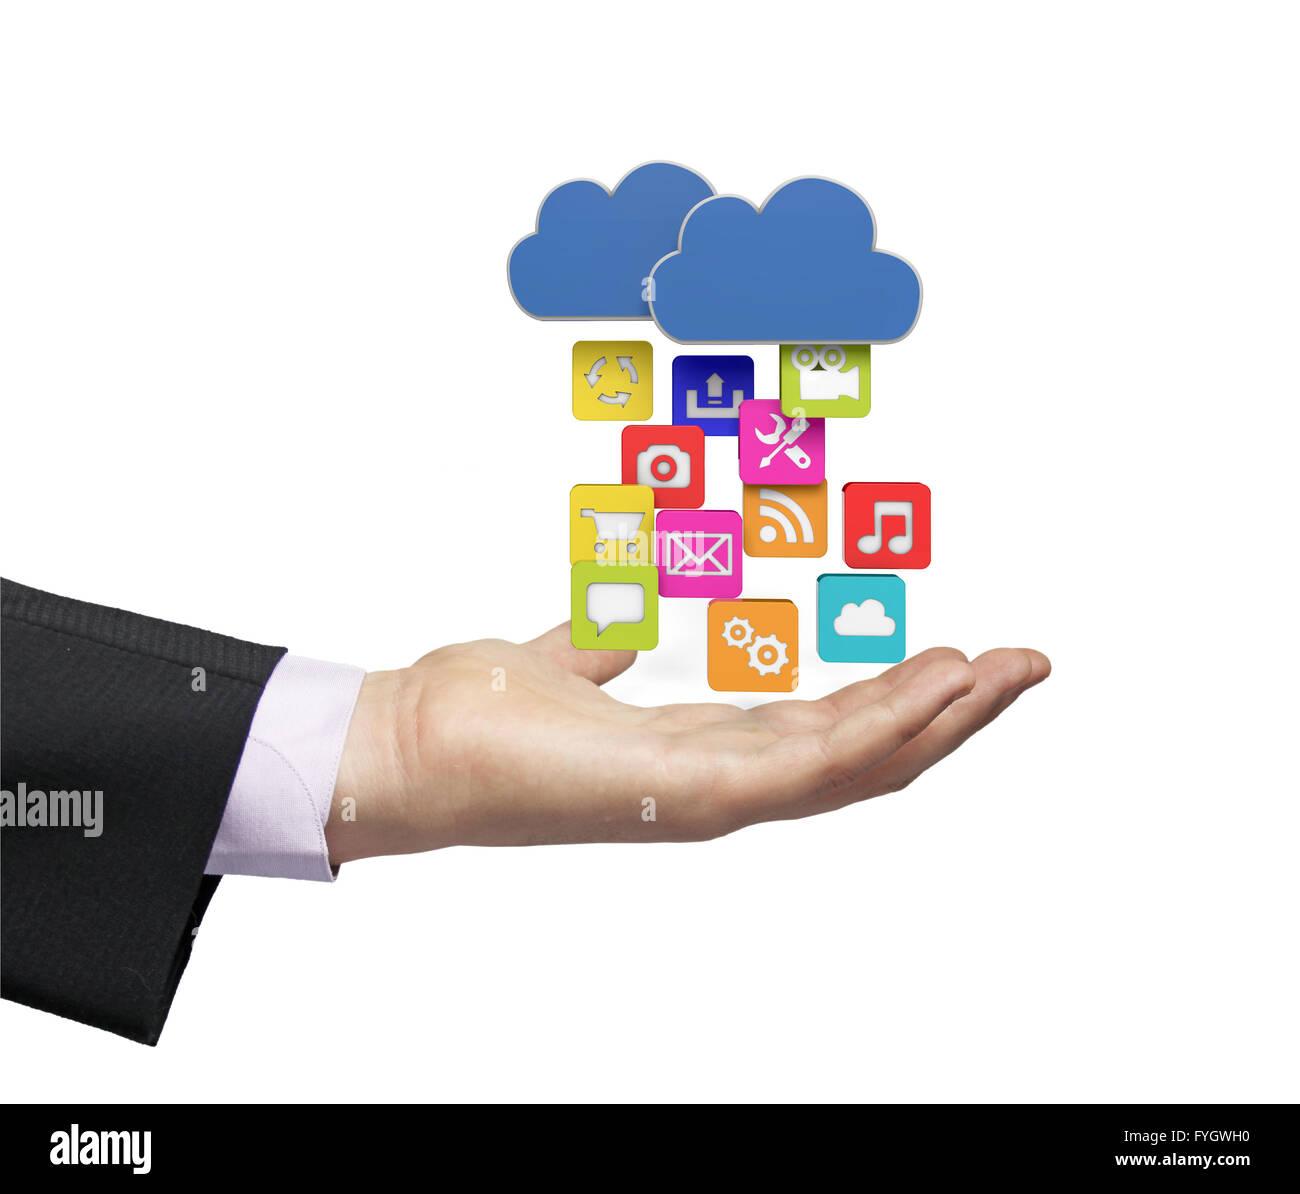 Descargar apps desde la nube a través de un empresario de mano Imagen De Stock